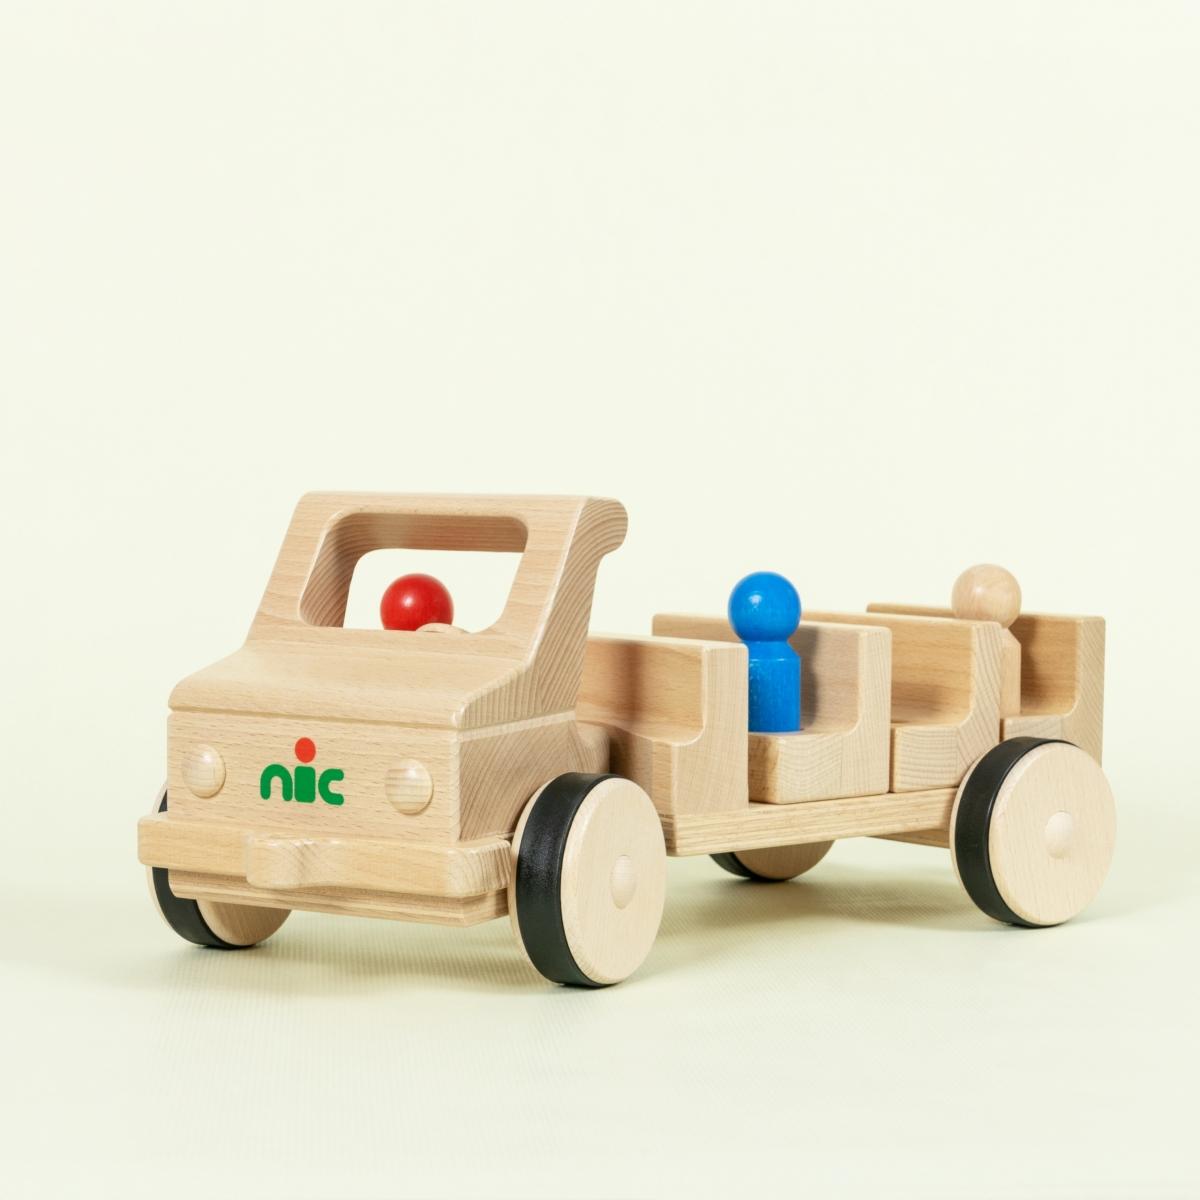 Holzbus aus Buche naturlackiert mit Gummireifen und drei Holzfiguren